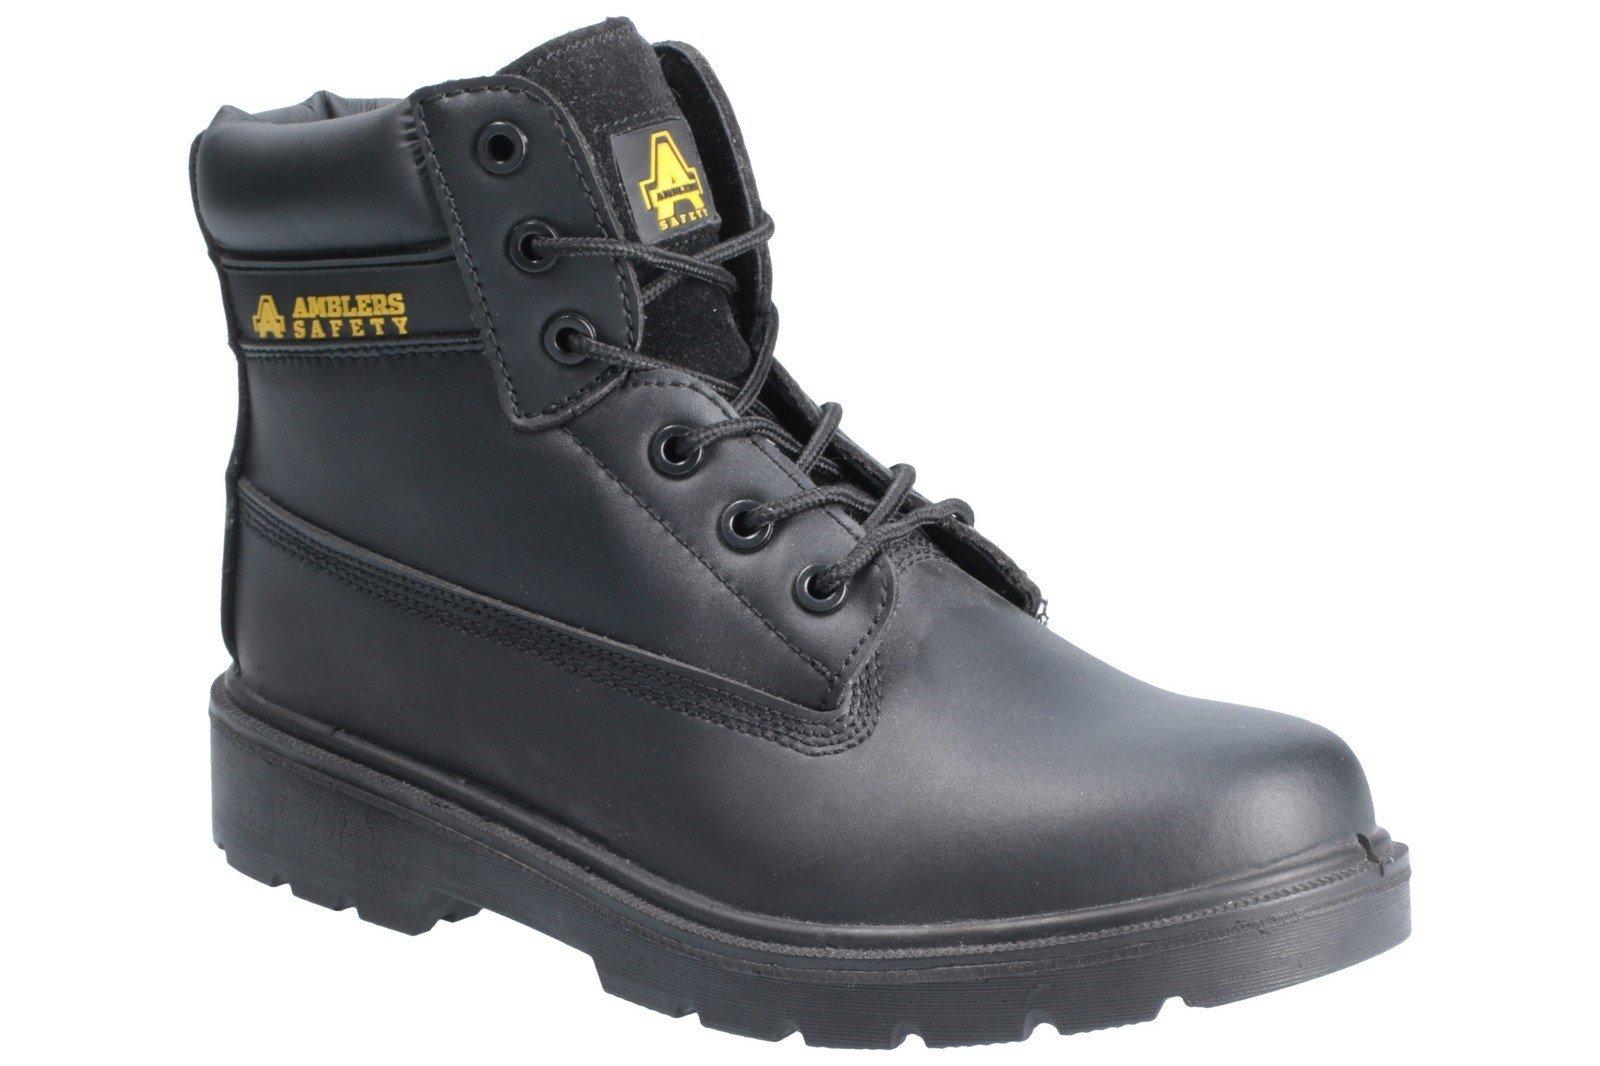 Amblers Unisex Safety Metal Free Hardwearing Lace up Boot Black 21395 - Black 3